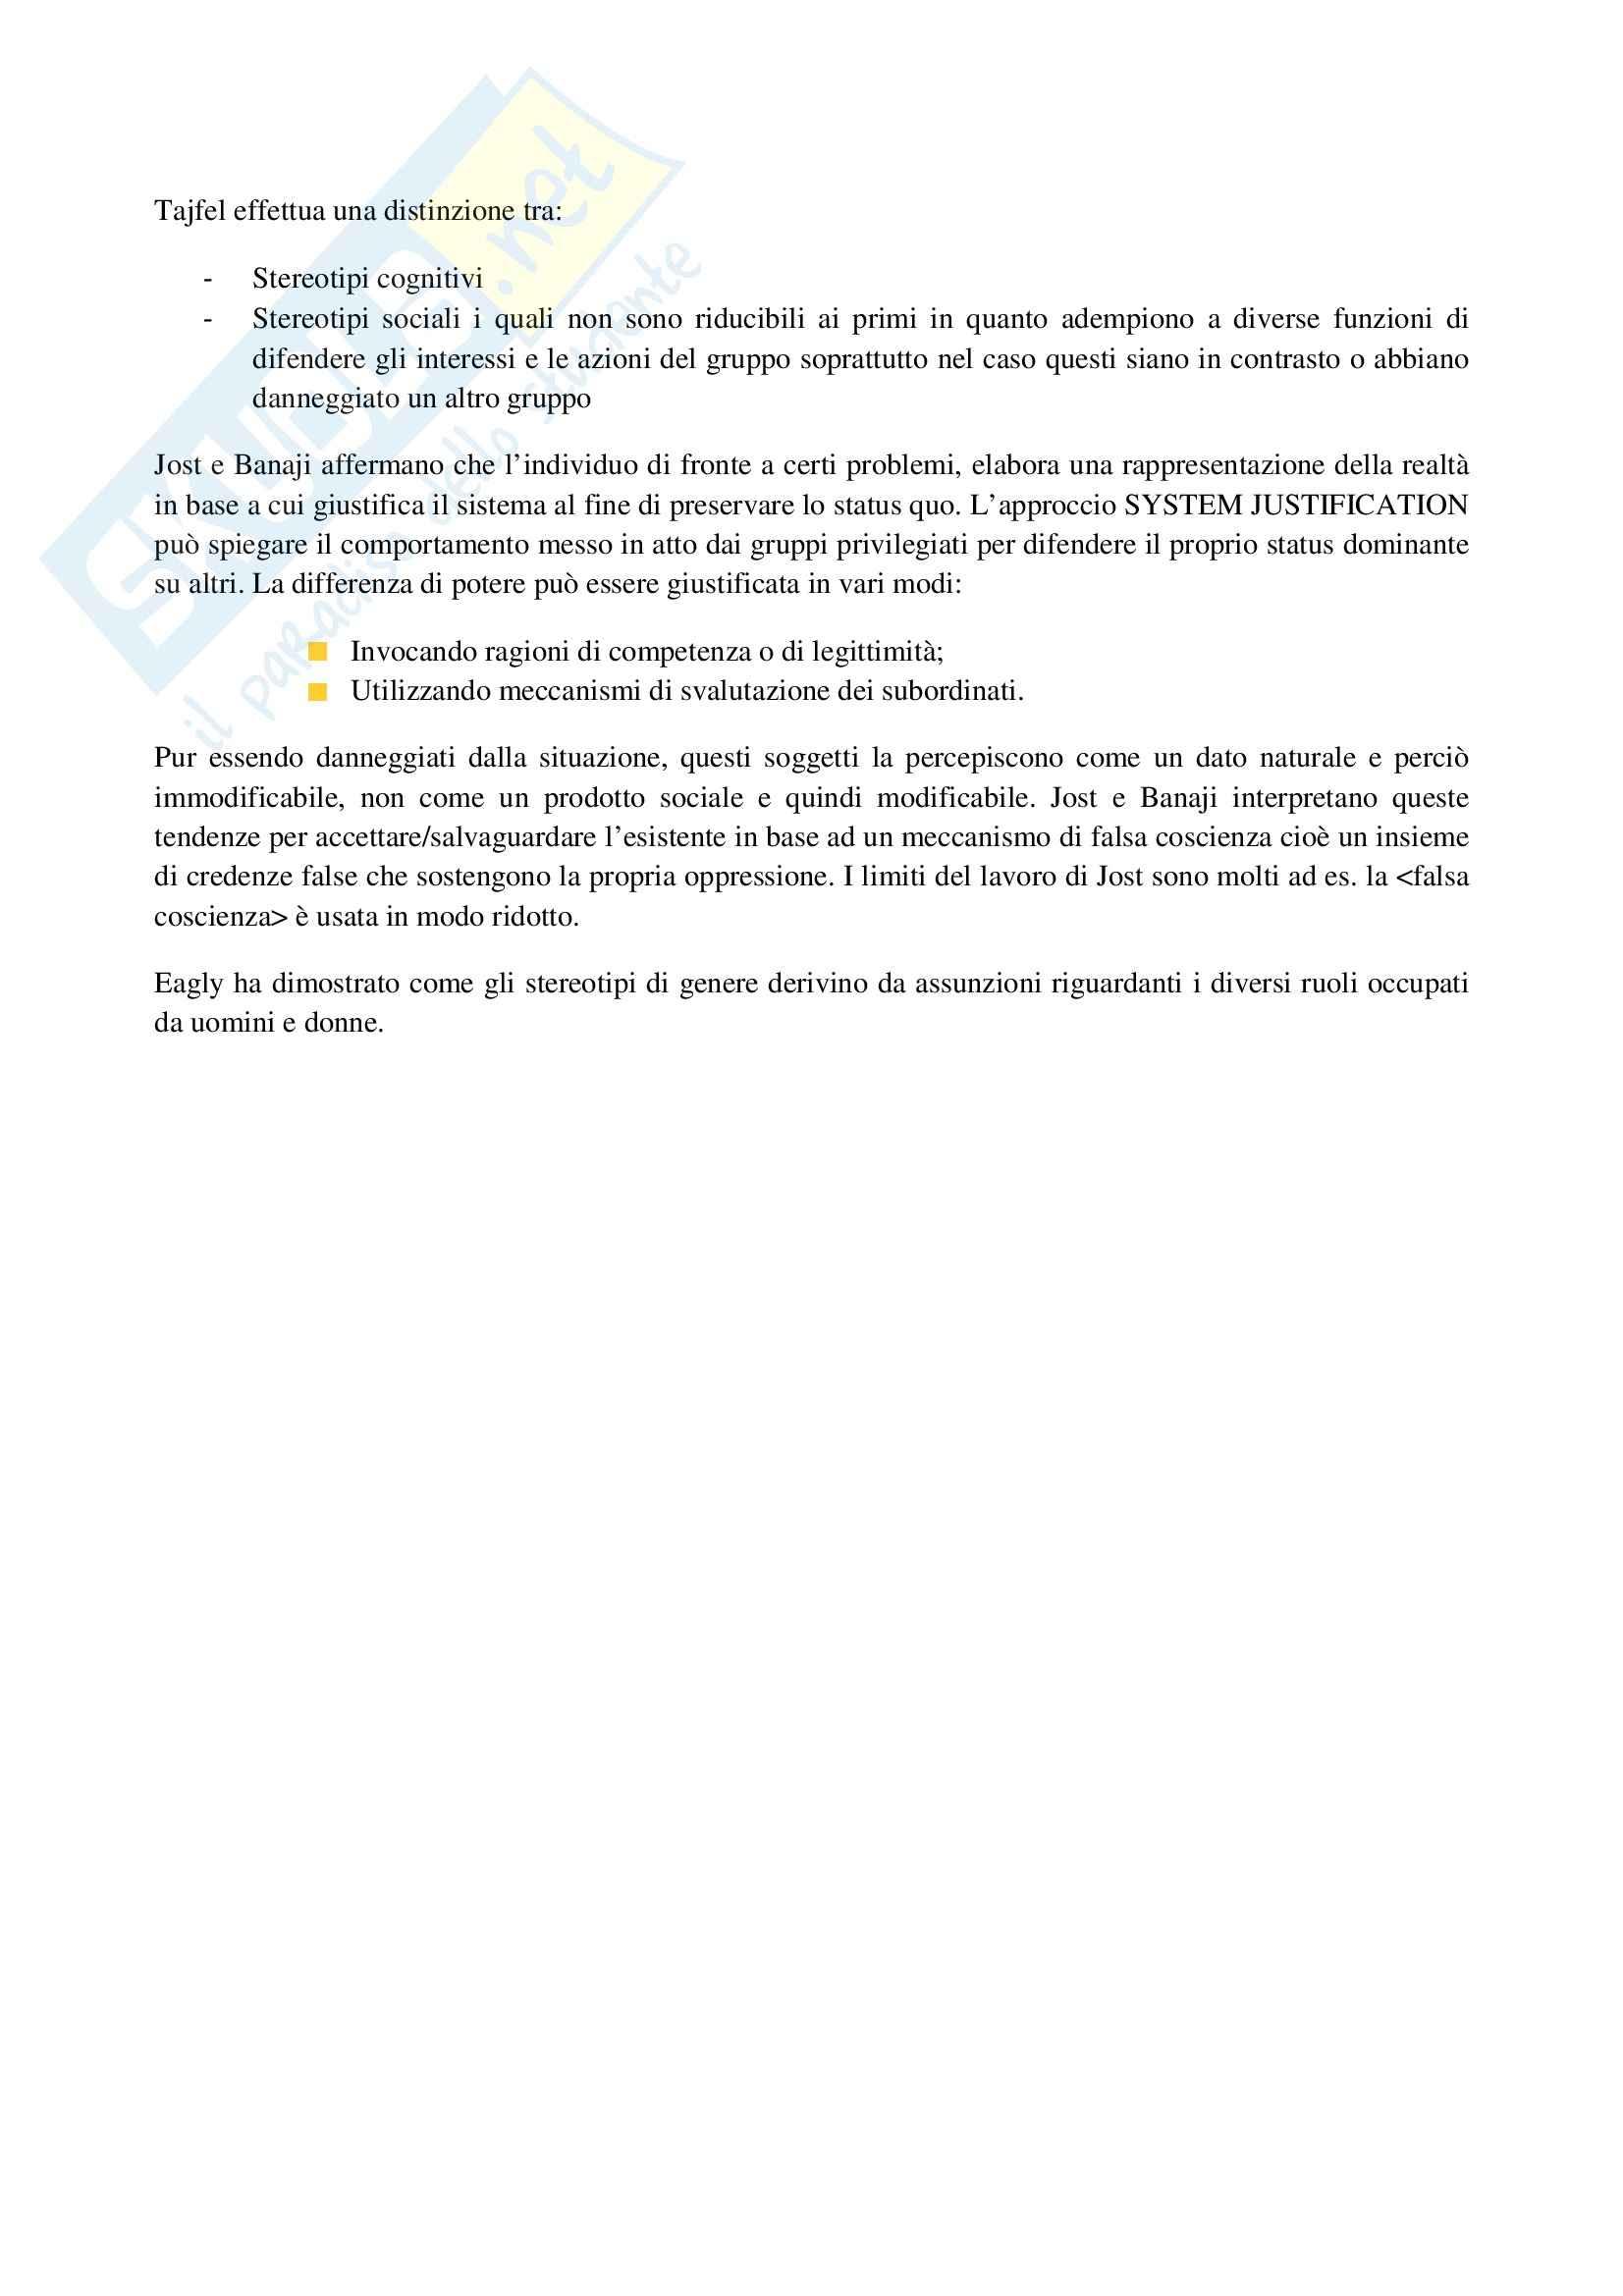 Riassunto esame Psicologia Sociale dei Gruppi, prof. Annese, libro consigliato I Gruppi Sociali di Speltini e Polmonari Pag. 51